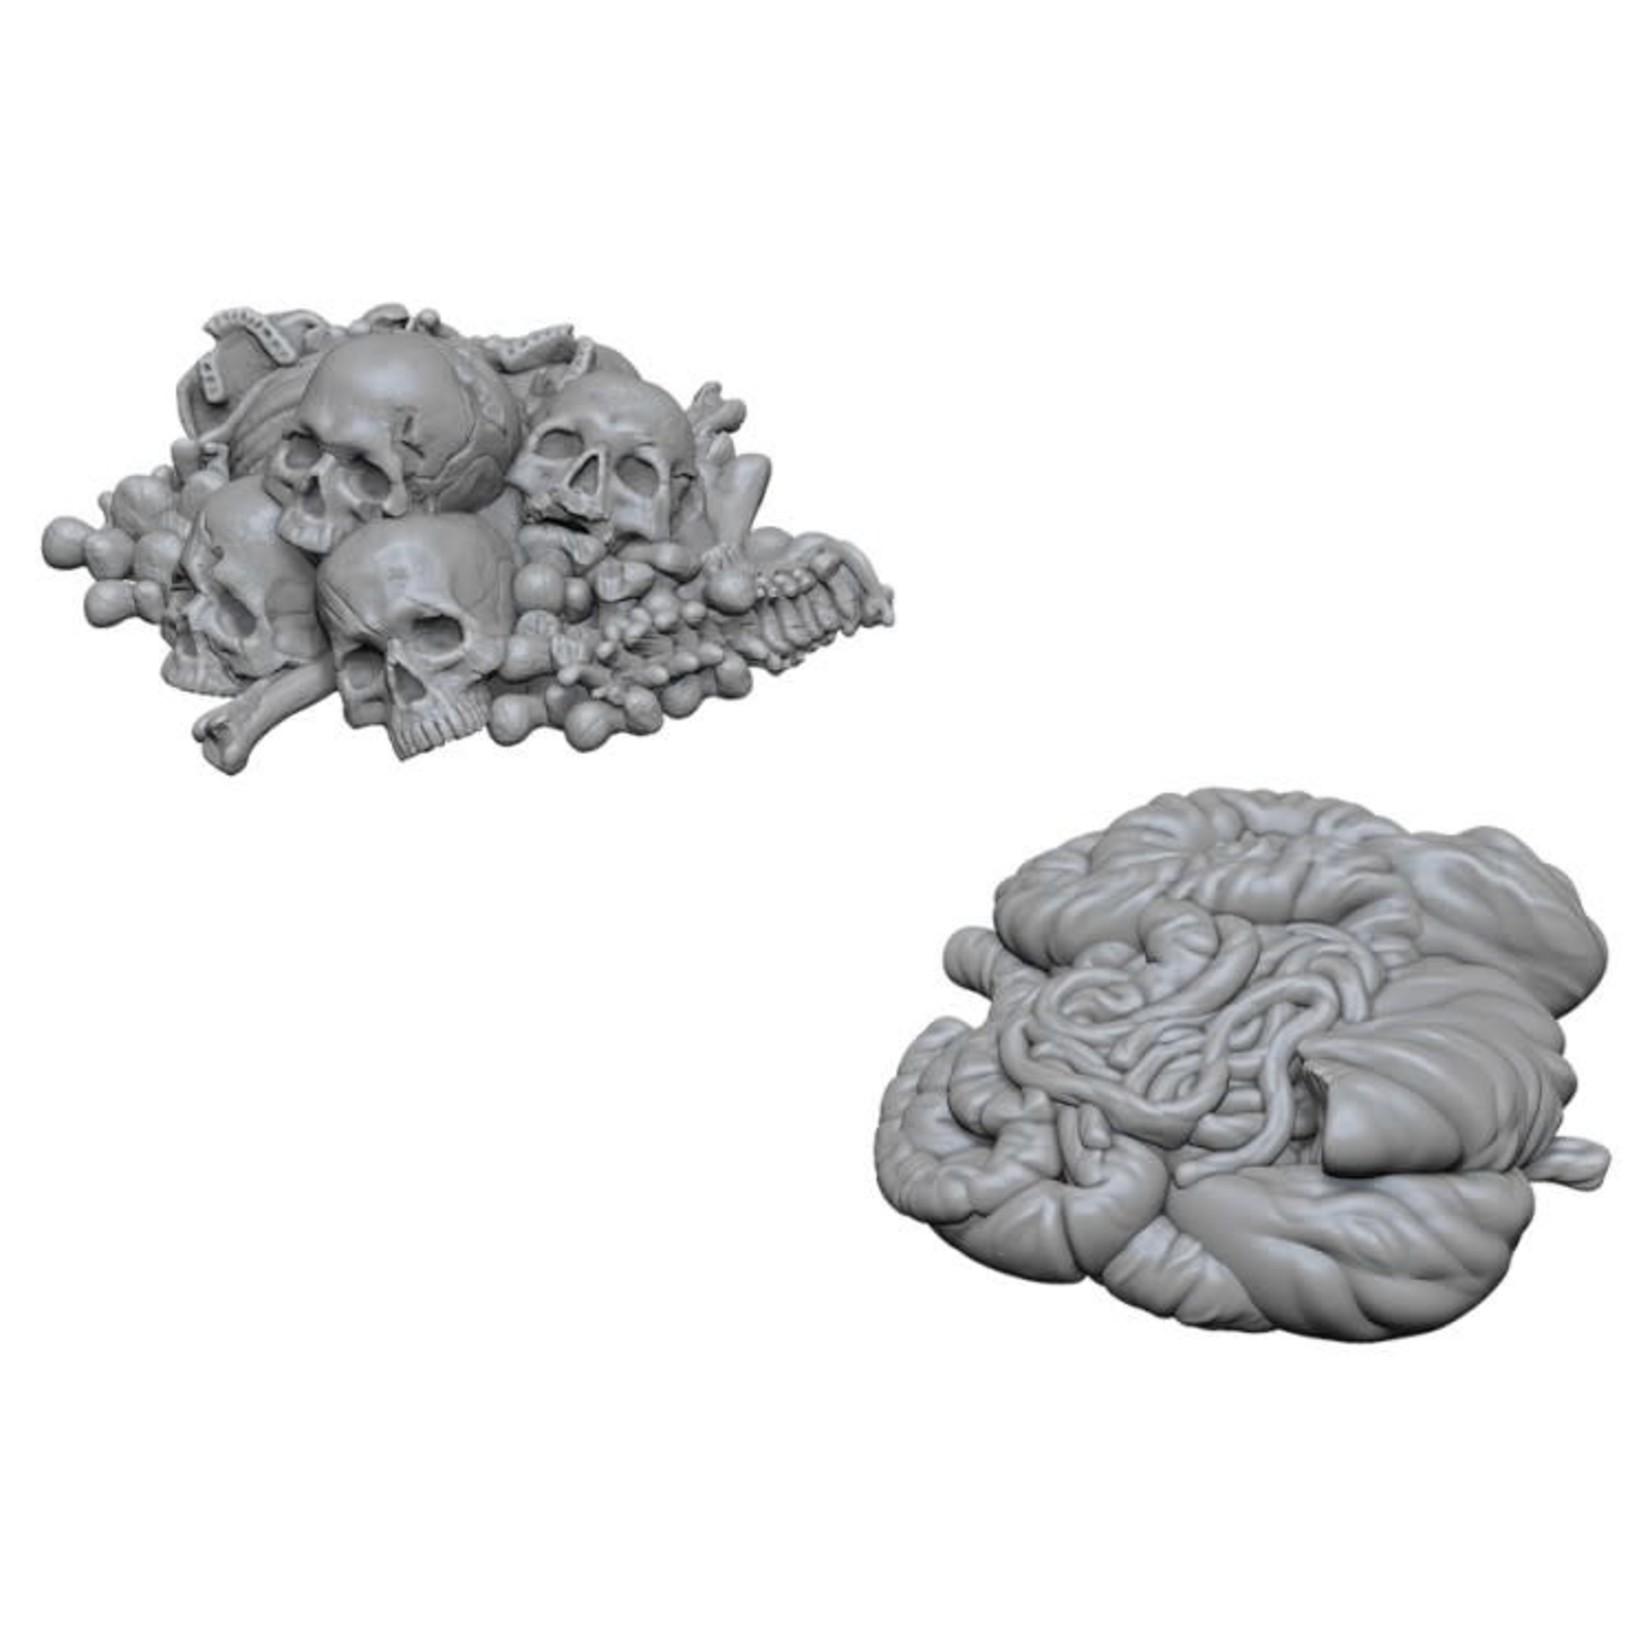 WizKids D&D Minis (unpainted): Pile of Bones & Entrails Wave 6, 73422